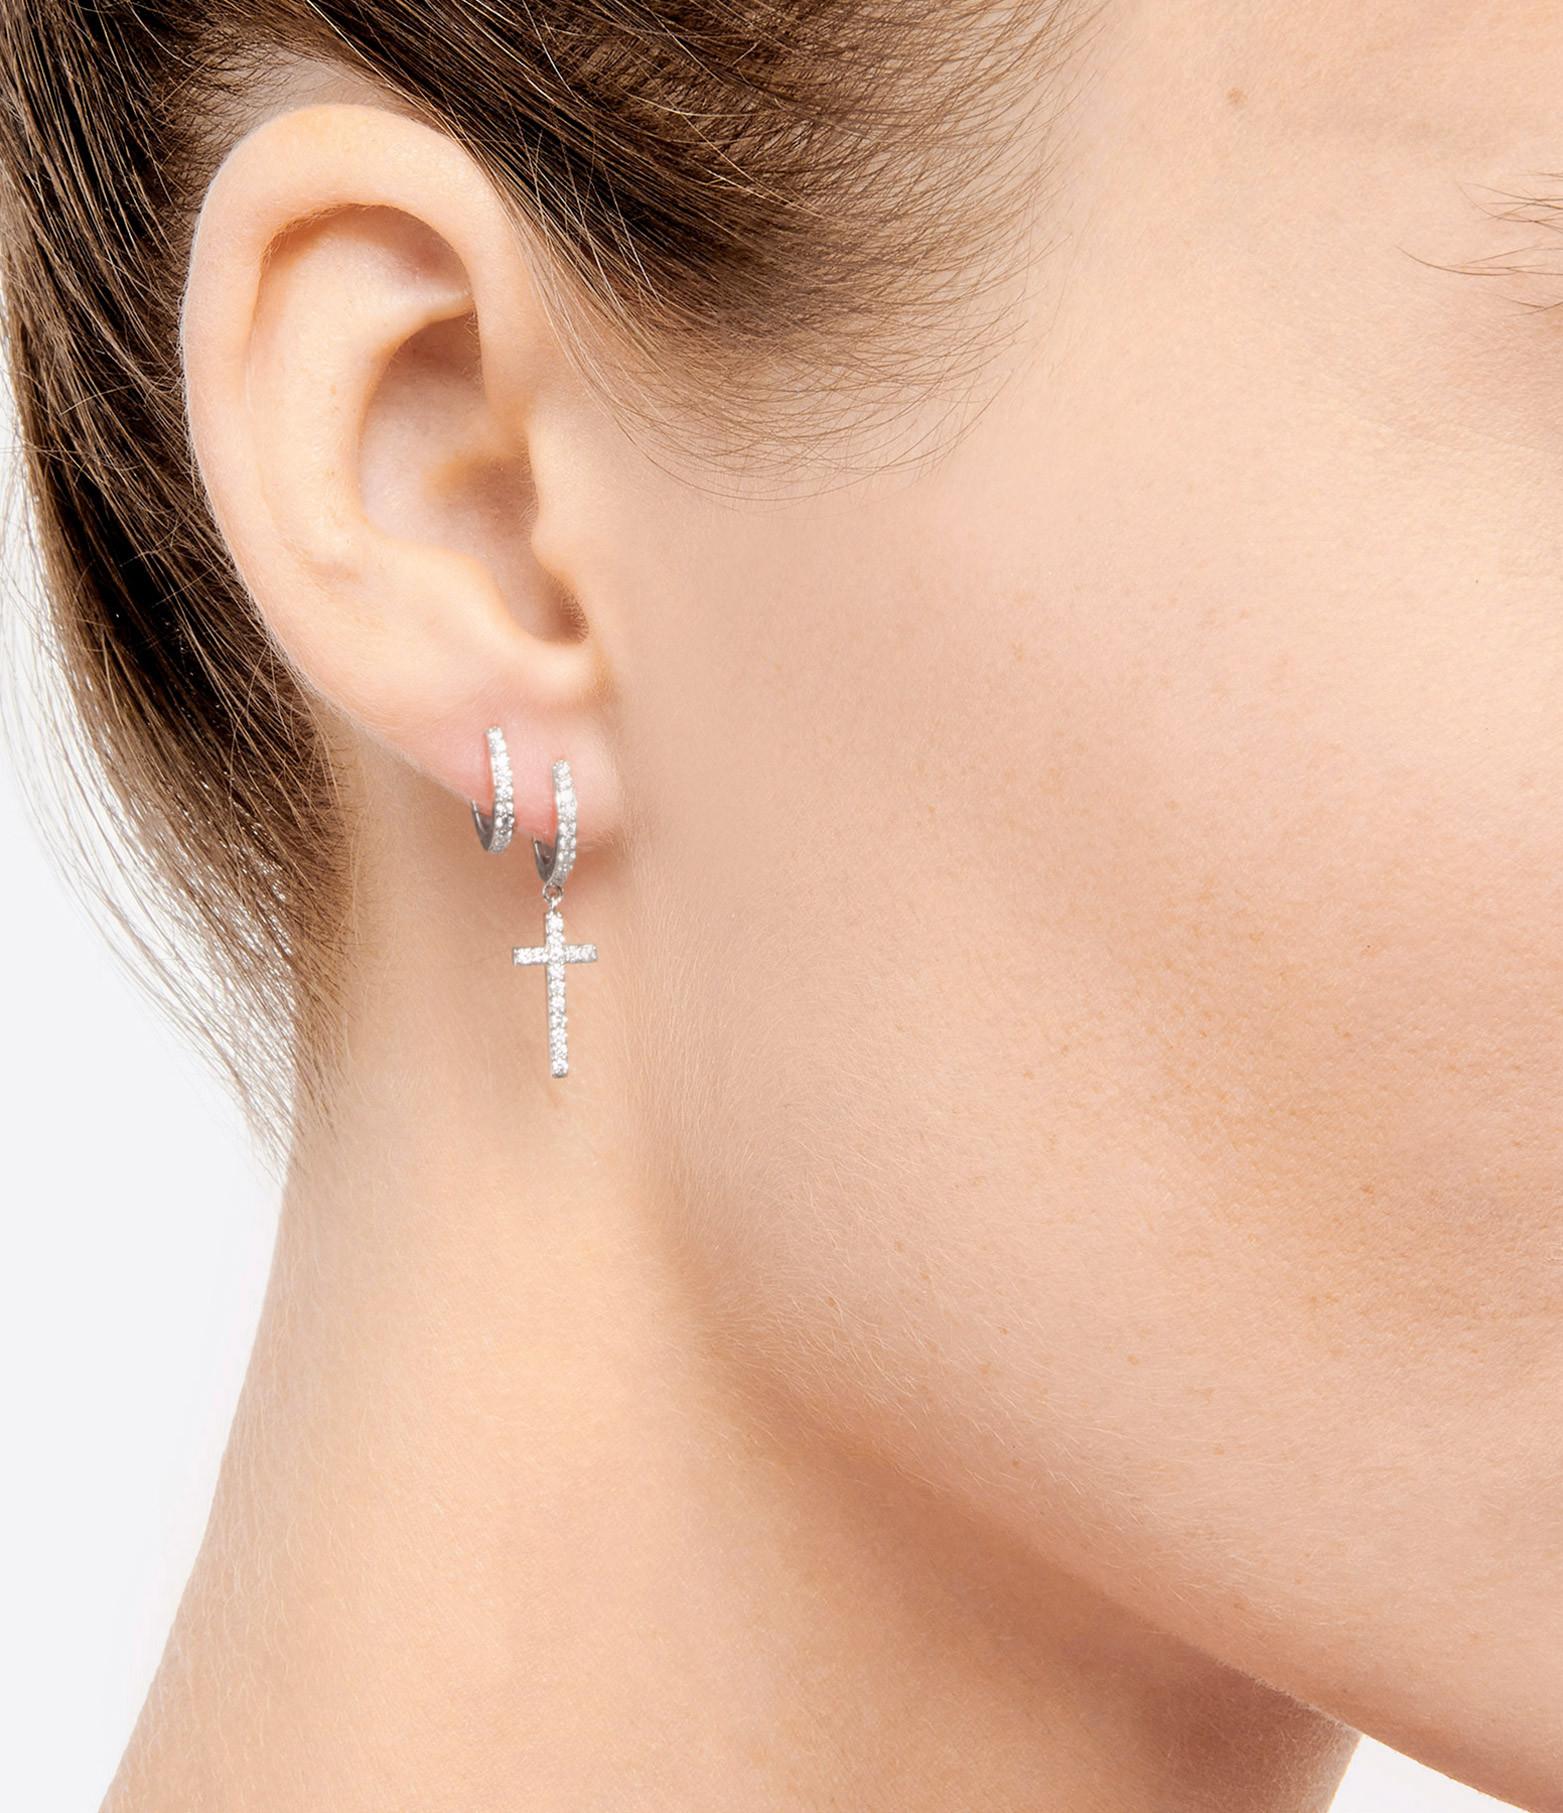 NAVA JOAILLERIE - Boucle d'oreille Maria Or Blanc (vendue à l'unité)